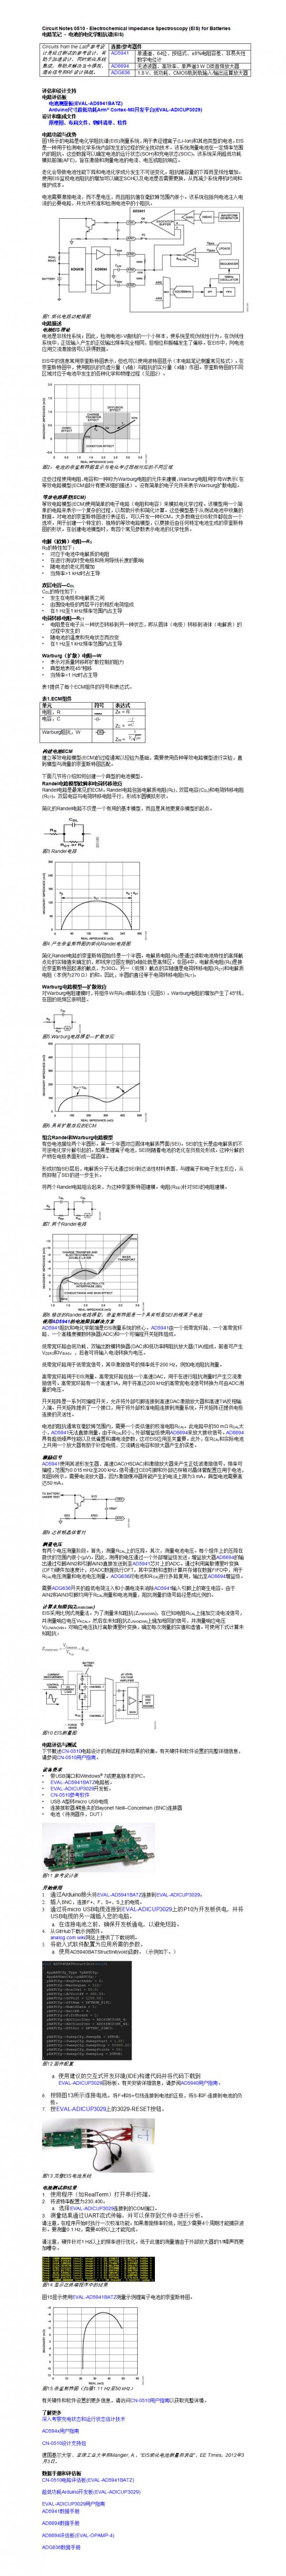 电路笔记 - 电池的电化学阻抗谱(EIS)